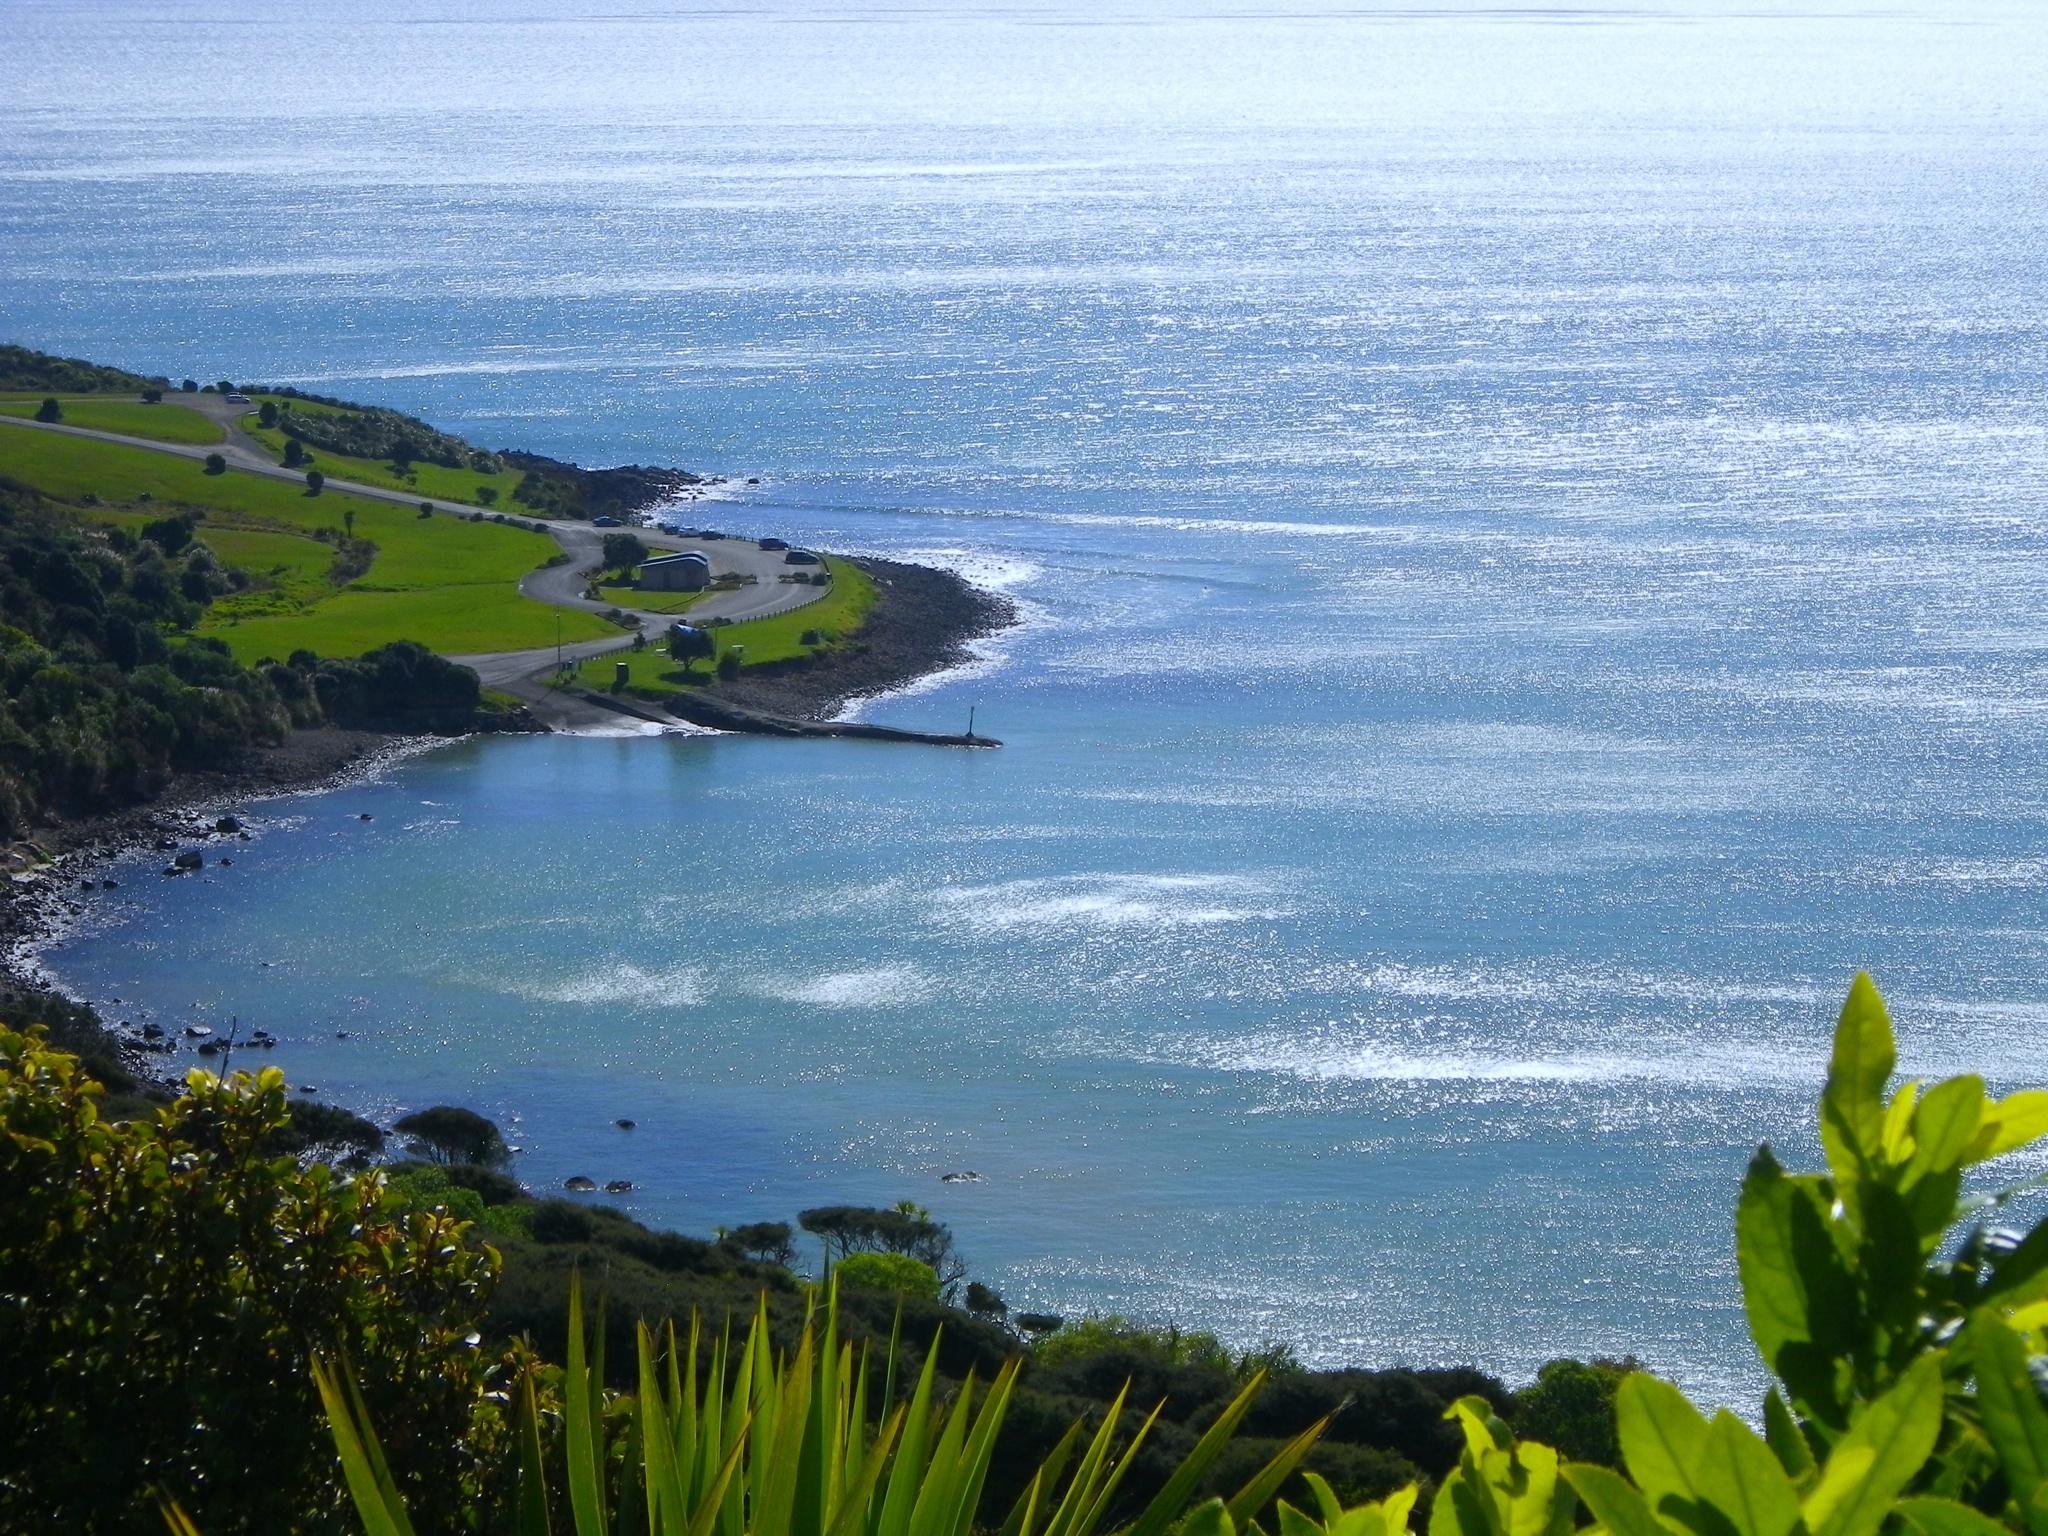 Manu bay, New Zealand